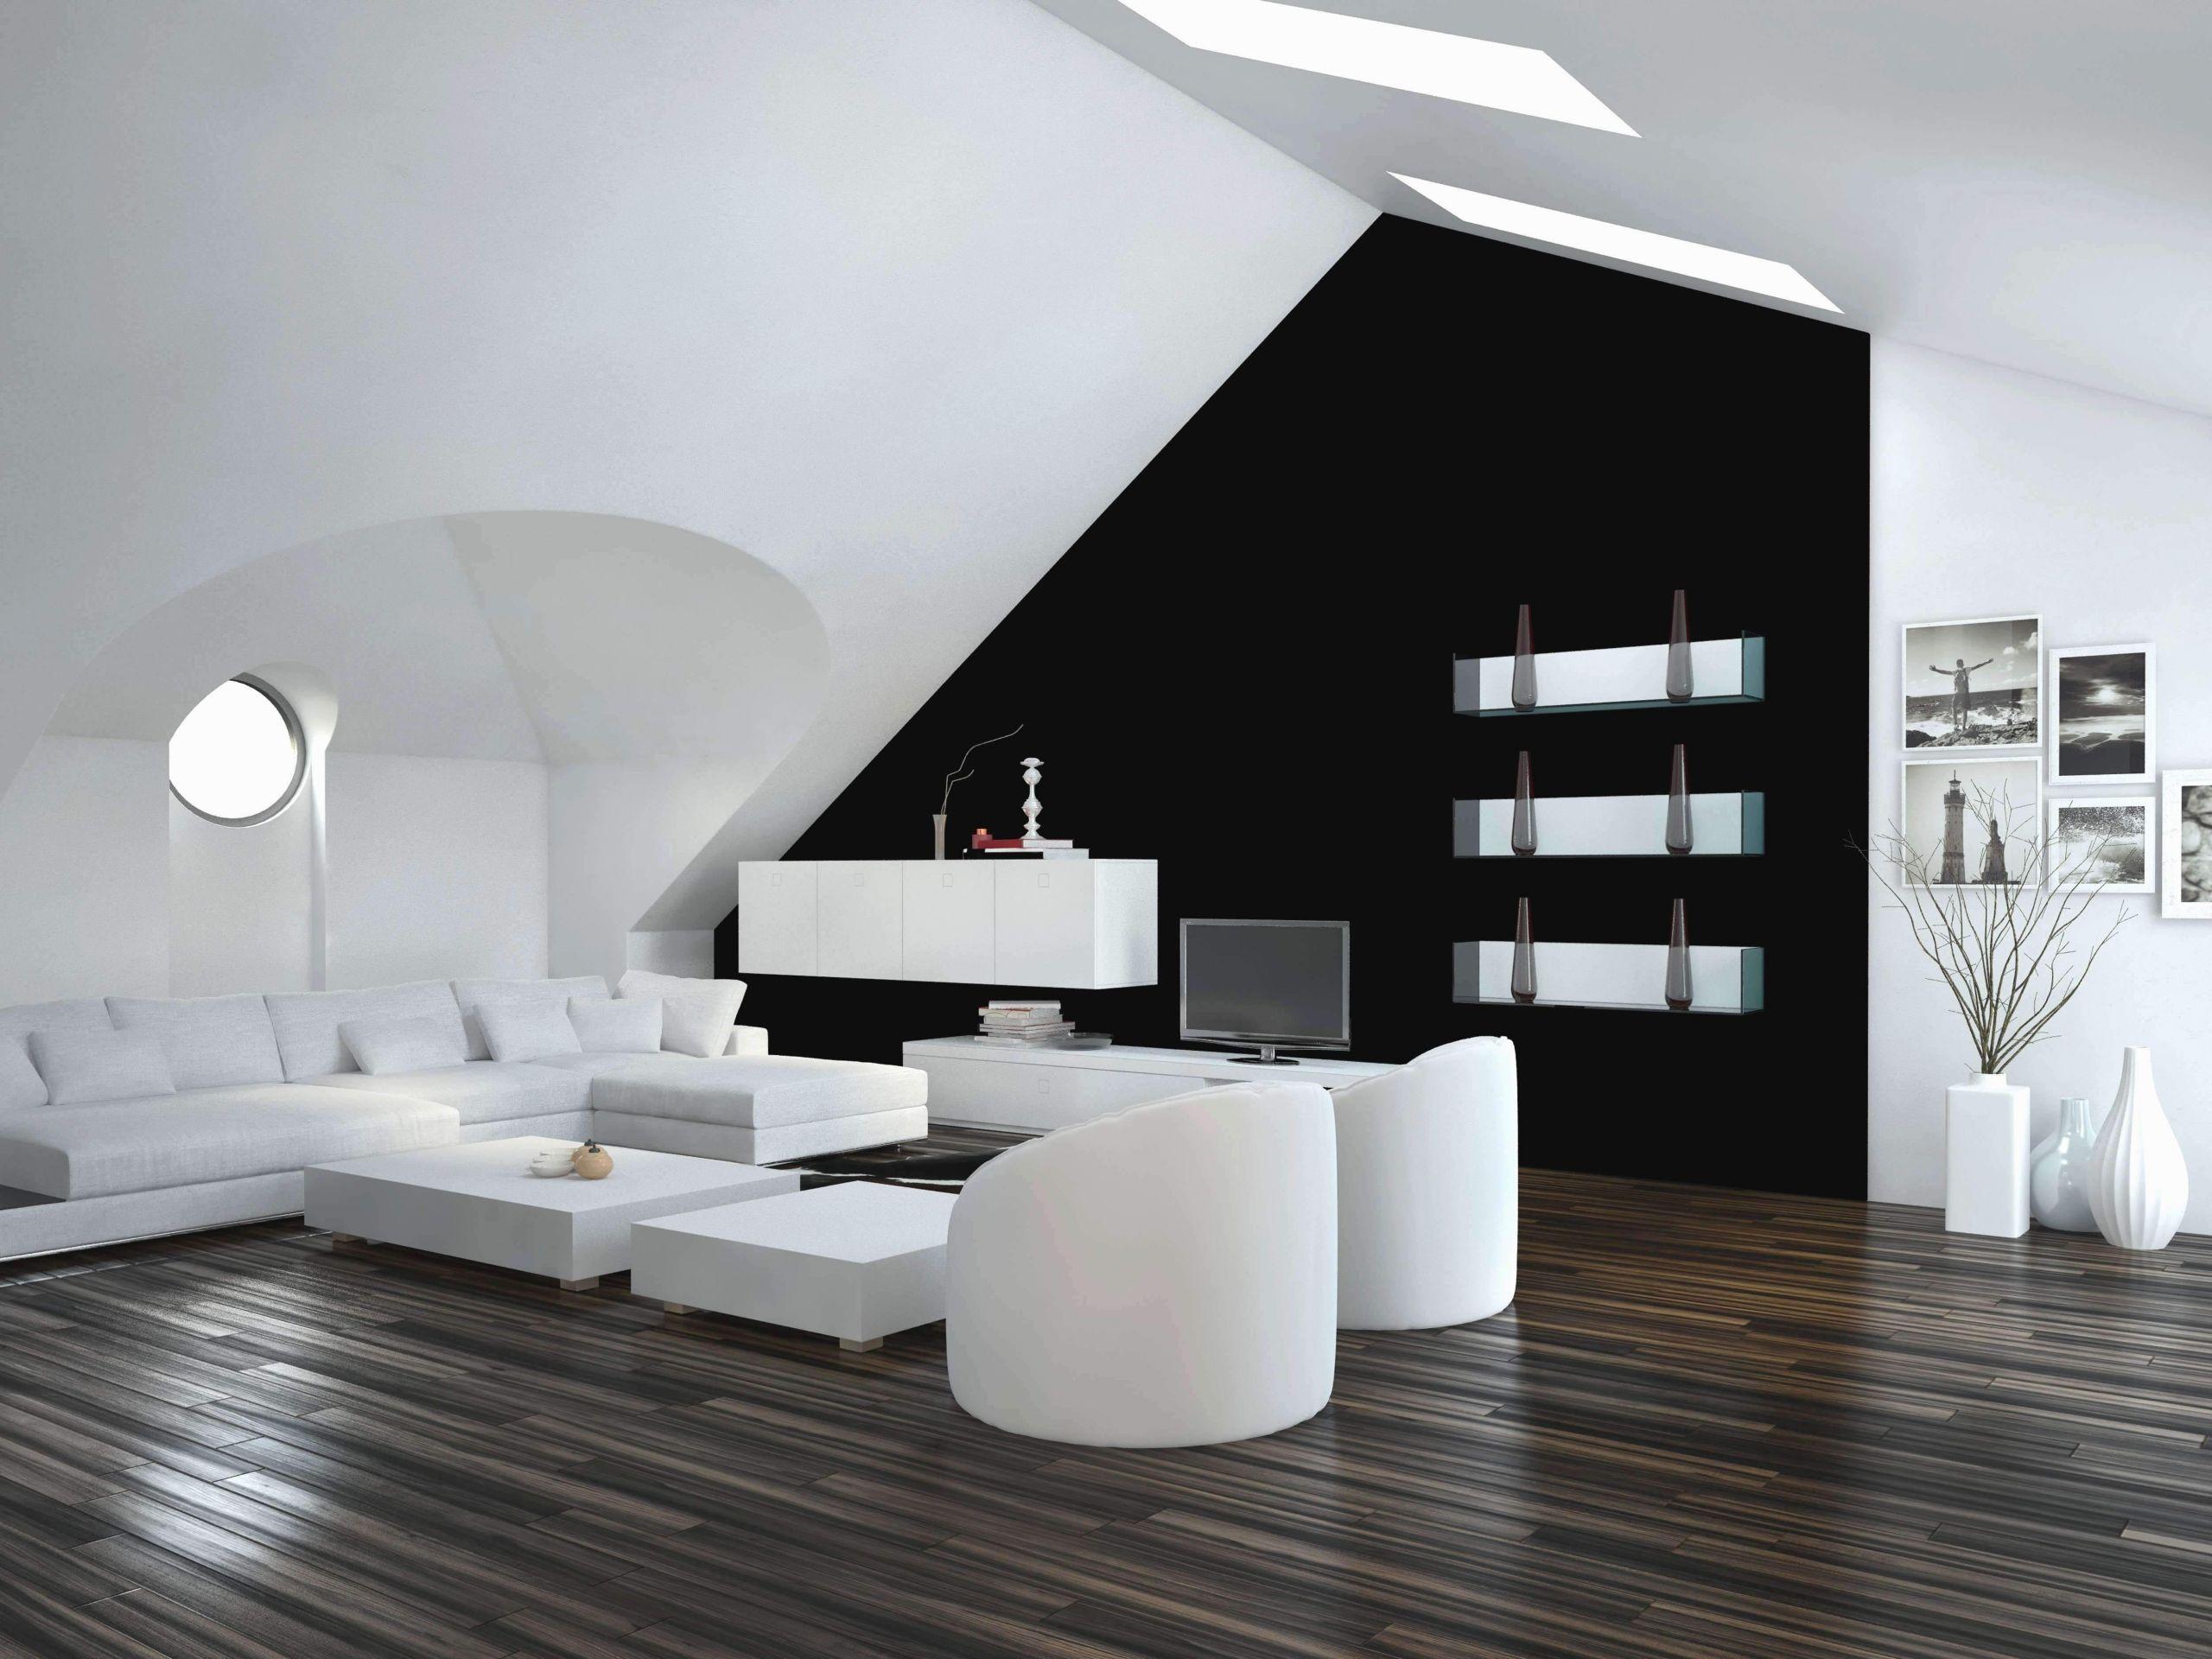 deko landhausstil wohnzimmer schon wohnzimmer steinwand schon wohnzimmer deko ideen aktuelle of deko landhausstil wohnzimmer scaled